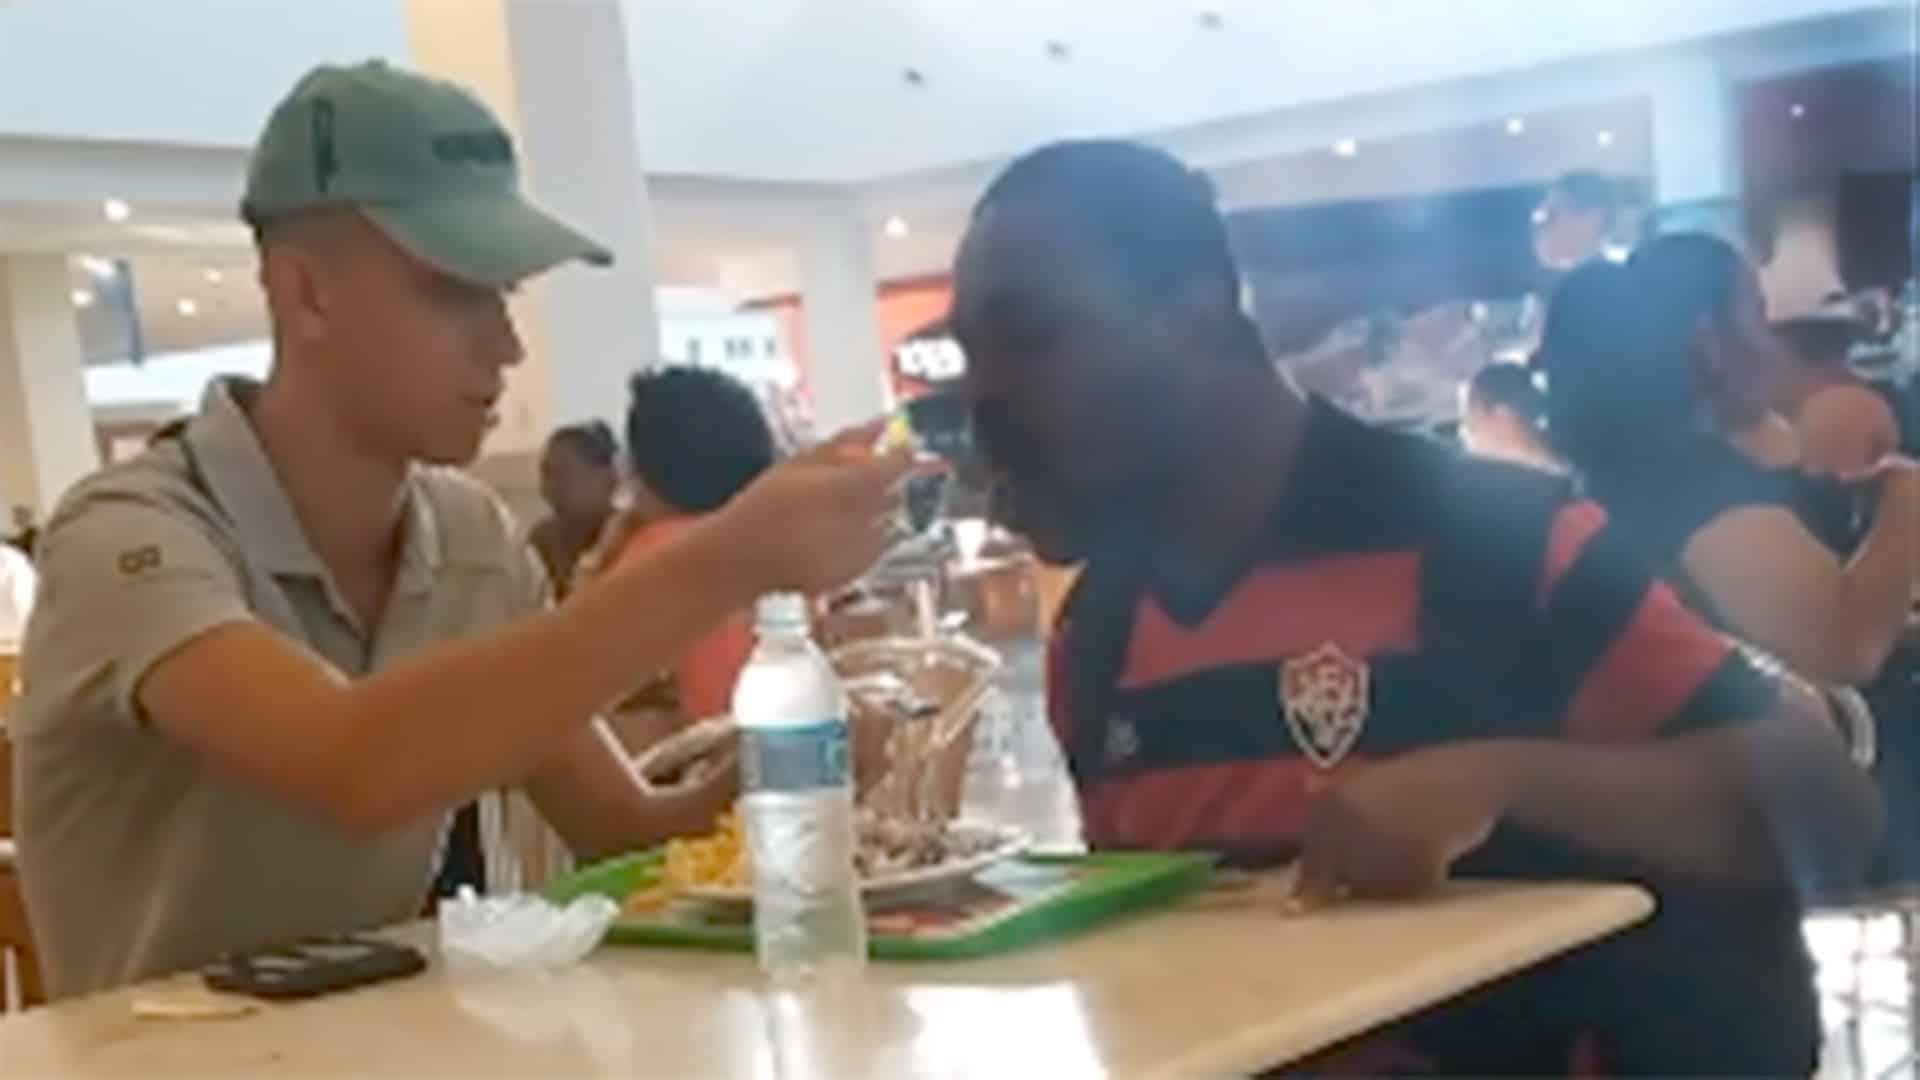 Stagista in un fast food porta l'ordinazione ad un cliente e quando capisce che ha difficoltà a mangiare da solo lo imbocca